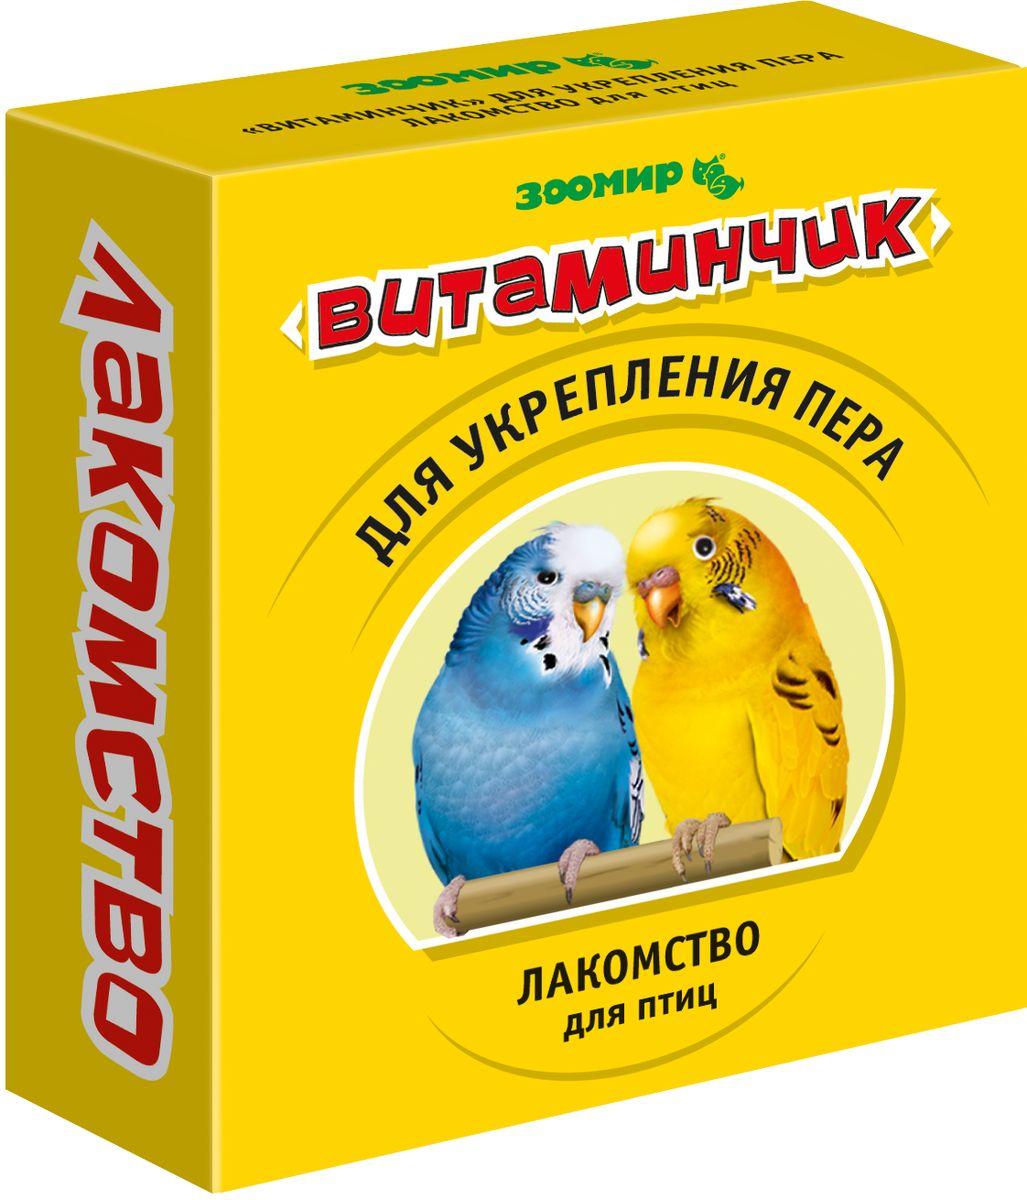 Лакомство для певчих и декоративных птиц Зоомир Витаминчик, укрепления пера, 50 г